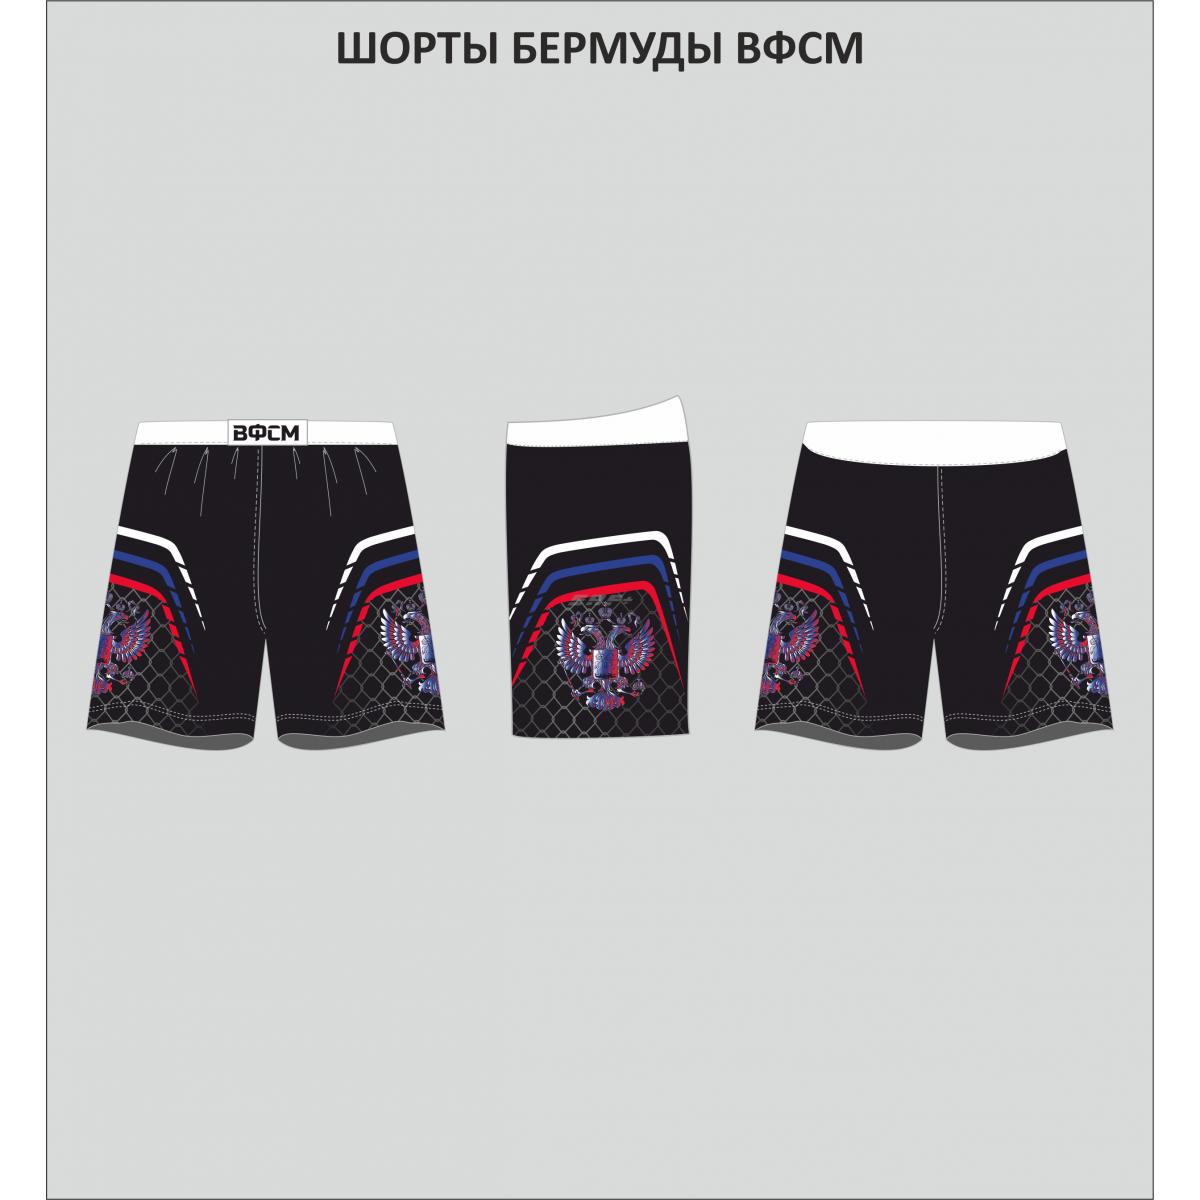 Борцовские бермуды ВФСМ